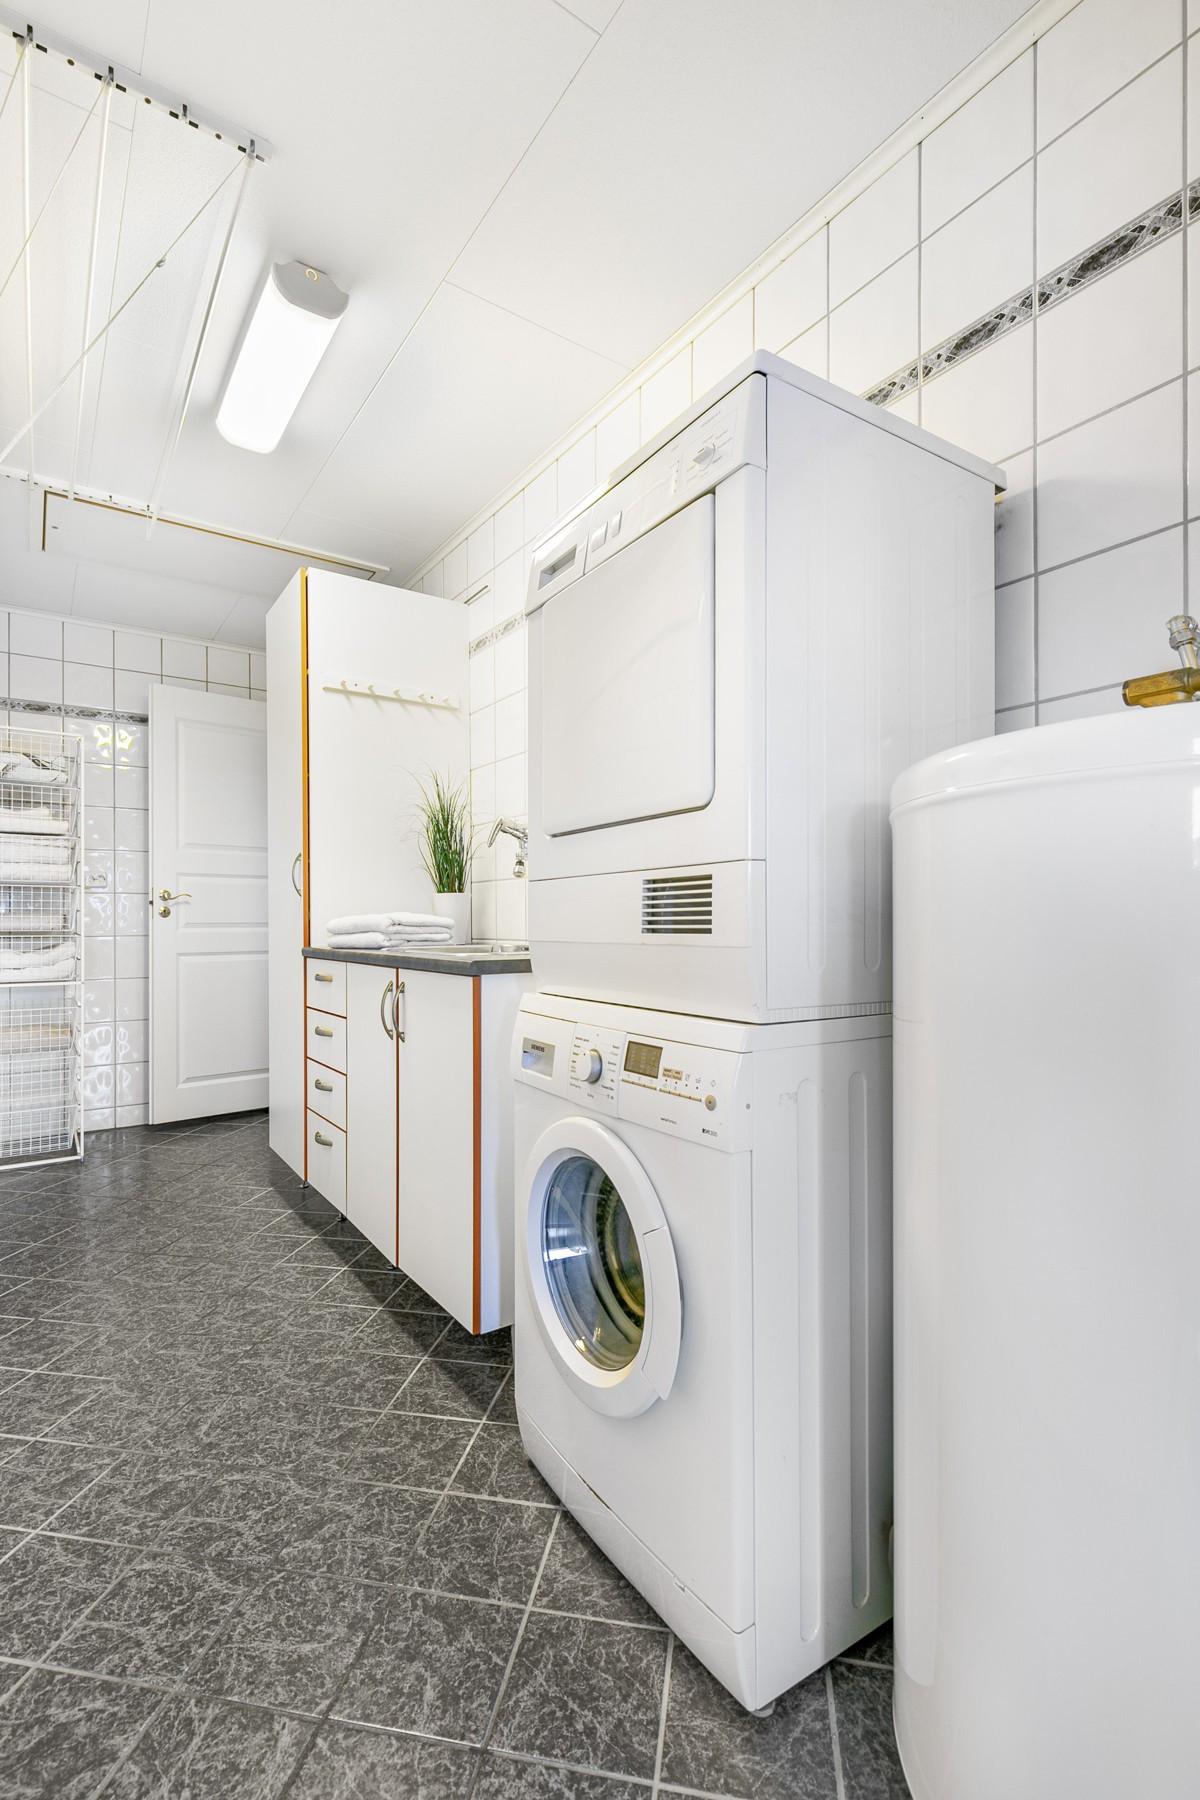 Komplett flislagt vaskerom og god plass til oppbevaring i skap og skuffer